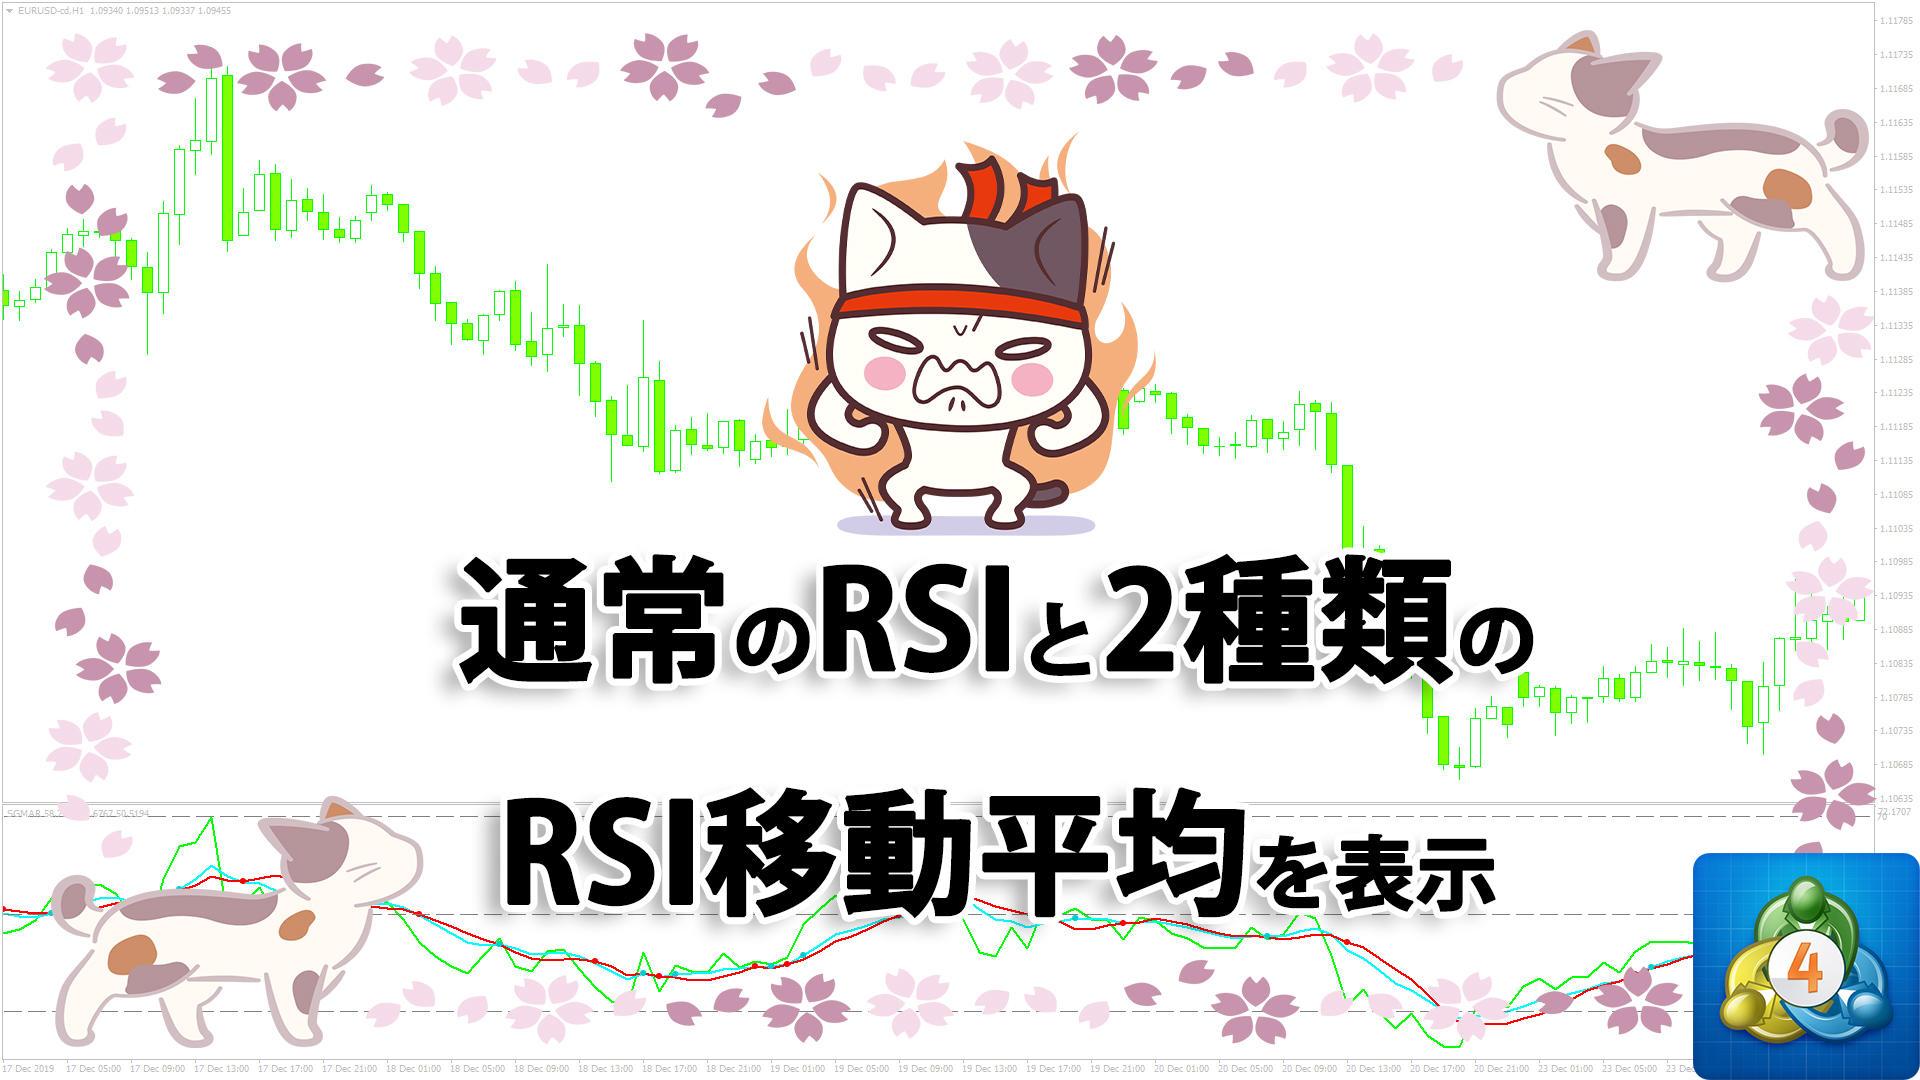 通常のRSIと2種類のRSI移動平均を表示するMT4インジケーター「SGMAR」